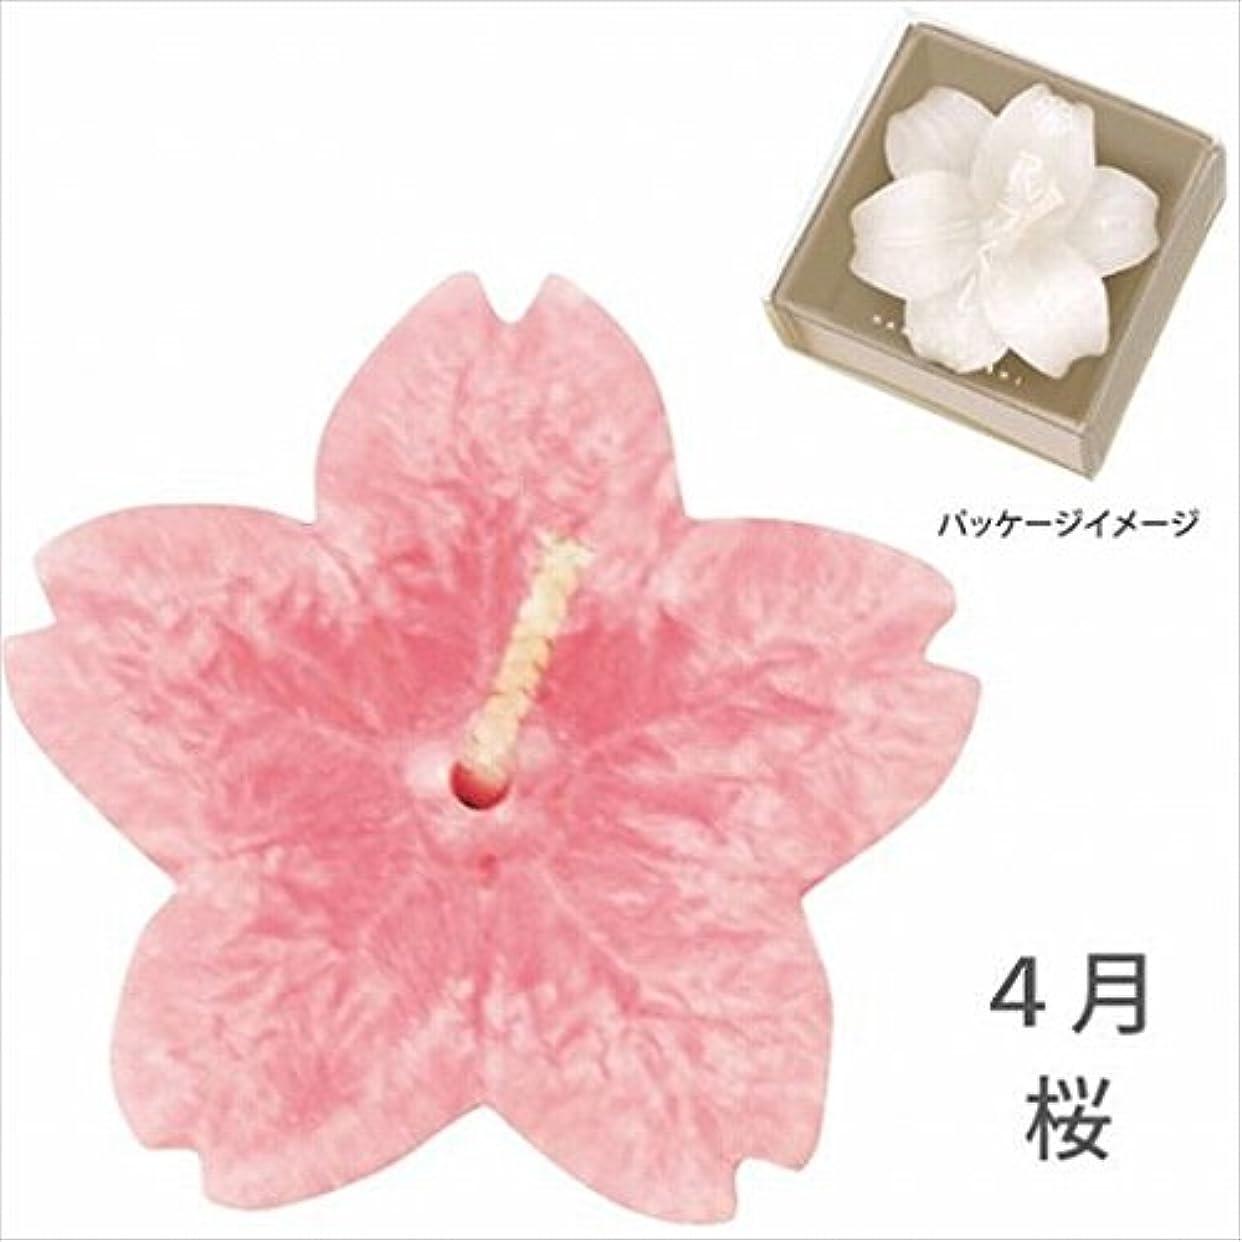 好戦的な少ない課税カメヤマキャンドル(kameyama candle) 花づくし(植物性) 桜 「 桜(4月) 」 キャンドル